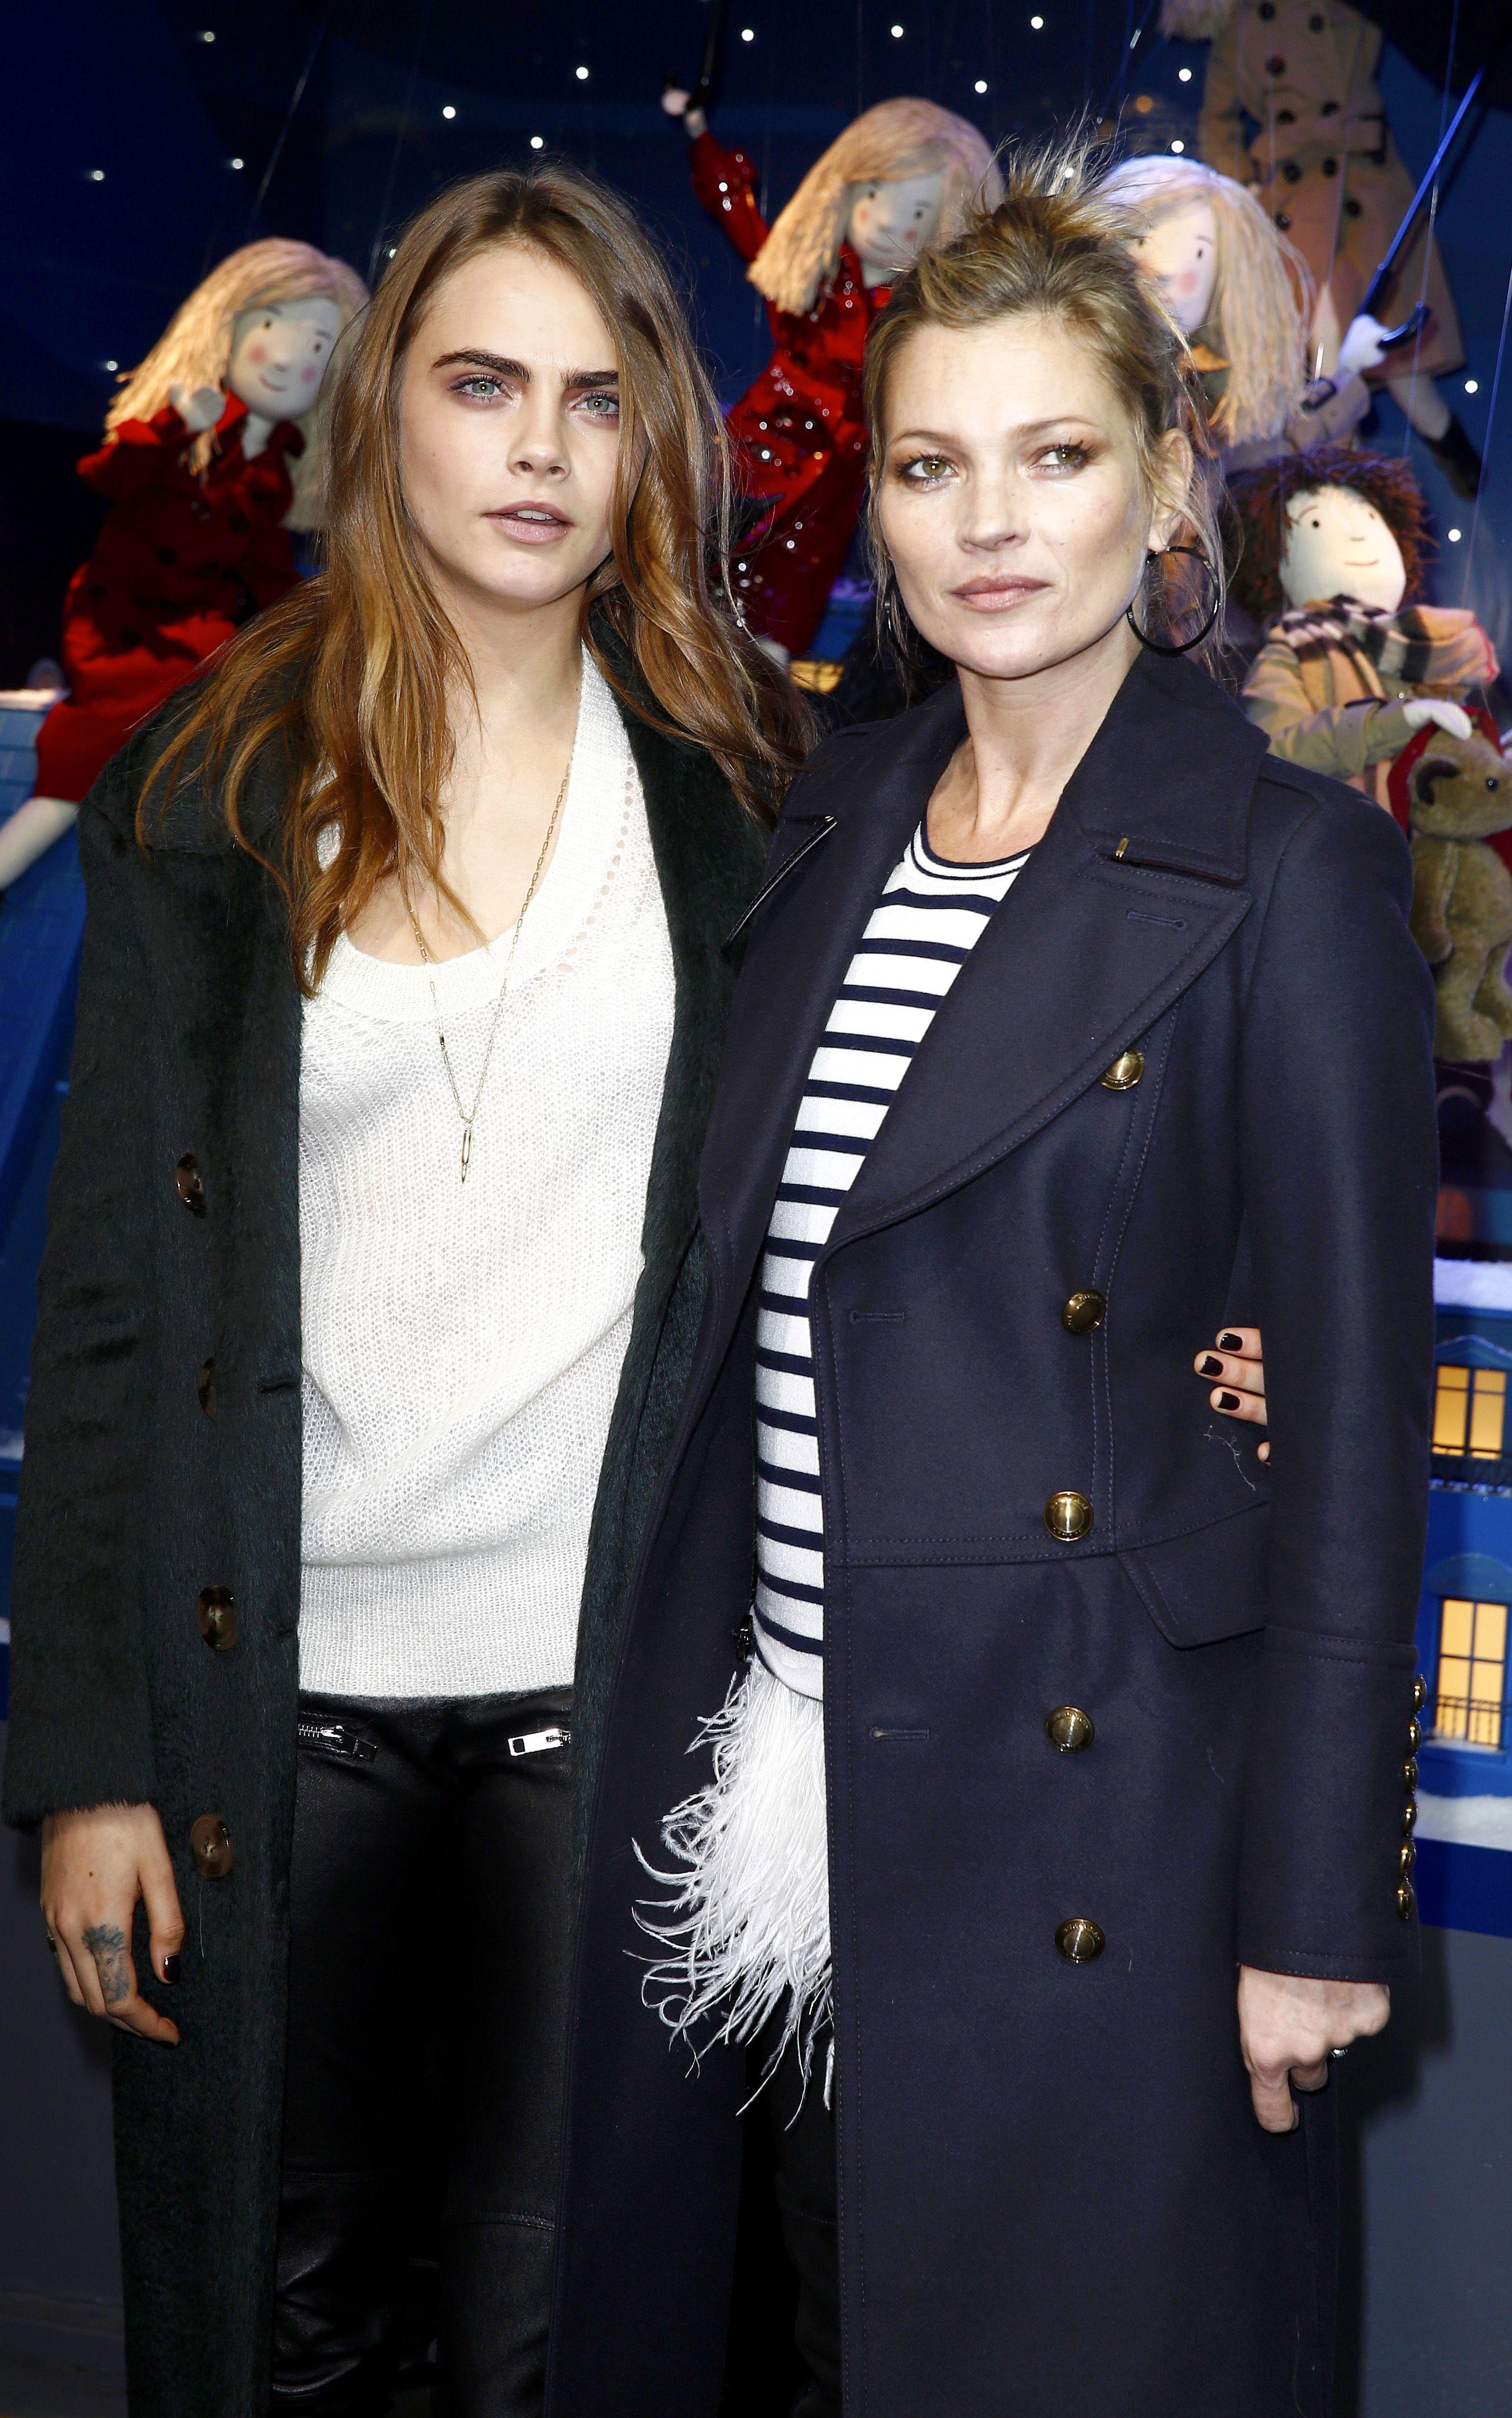 Kate Moss sports a breton striped top